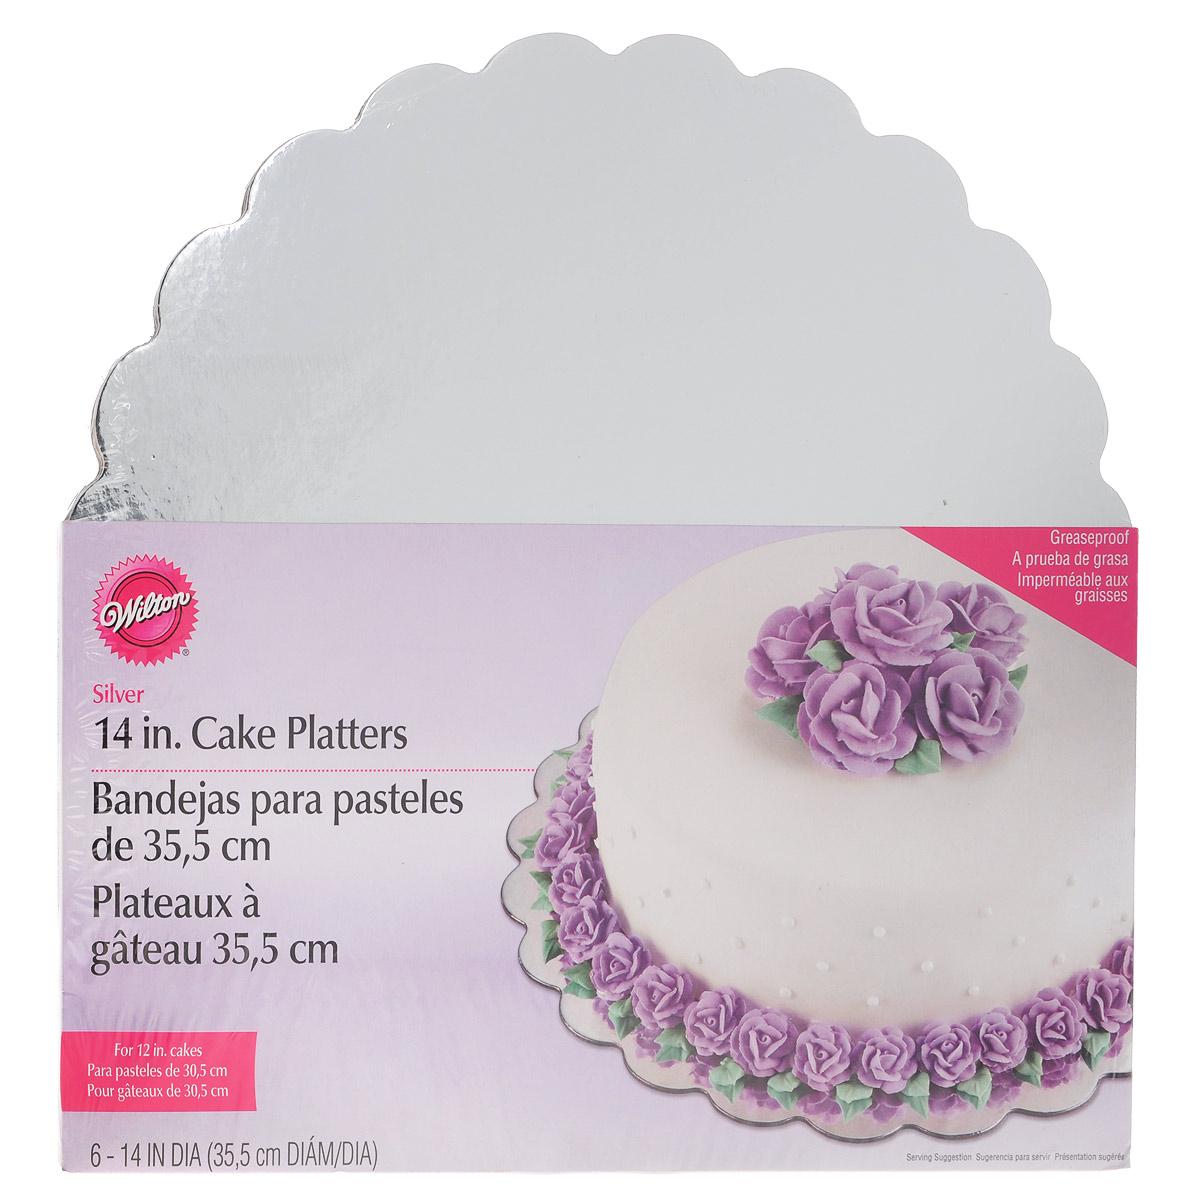 Основа для торта Wilton, круглая, цвет: серебристый, диаметр 35,5 см, 6 штWLT-2104-1167Основа Wilton выполнена из гофрированного картона с жиронепроницаемой поверхностью и оформлена волнистым краем. Используется для сервировки тортов, пиццы, небольших праздничных угощений, закусок и т.п. В наборе - 6 основ.Диаметр: 35,5 см. Толщина: 1,5 мм.